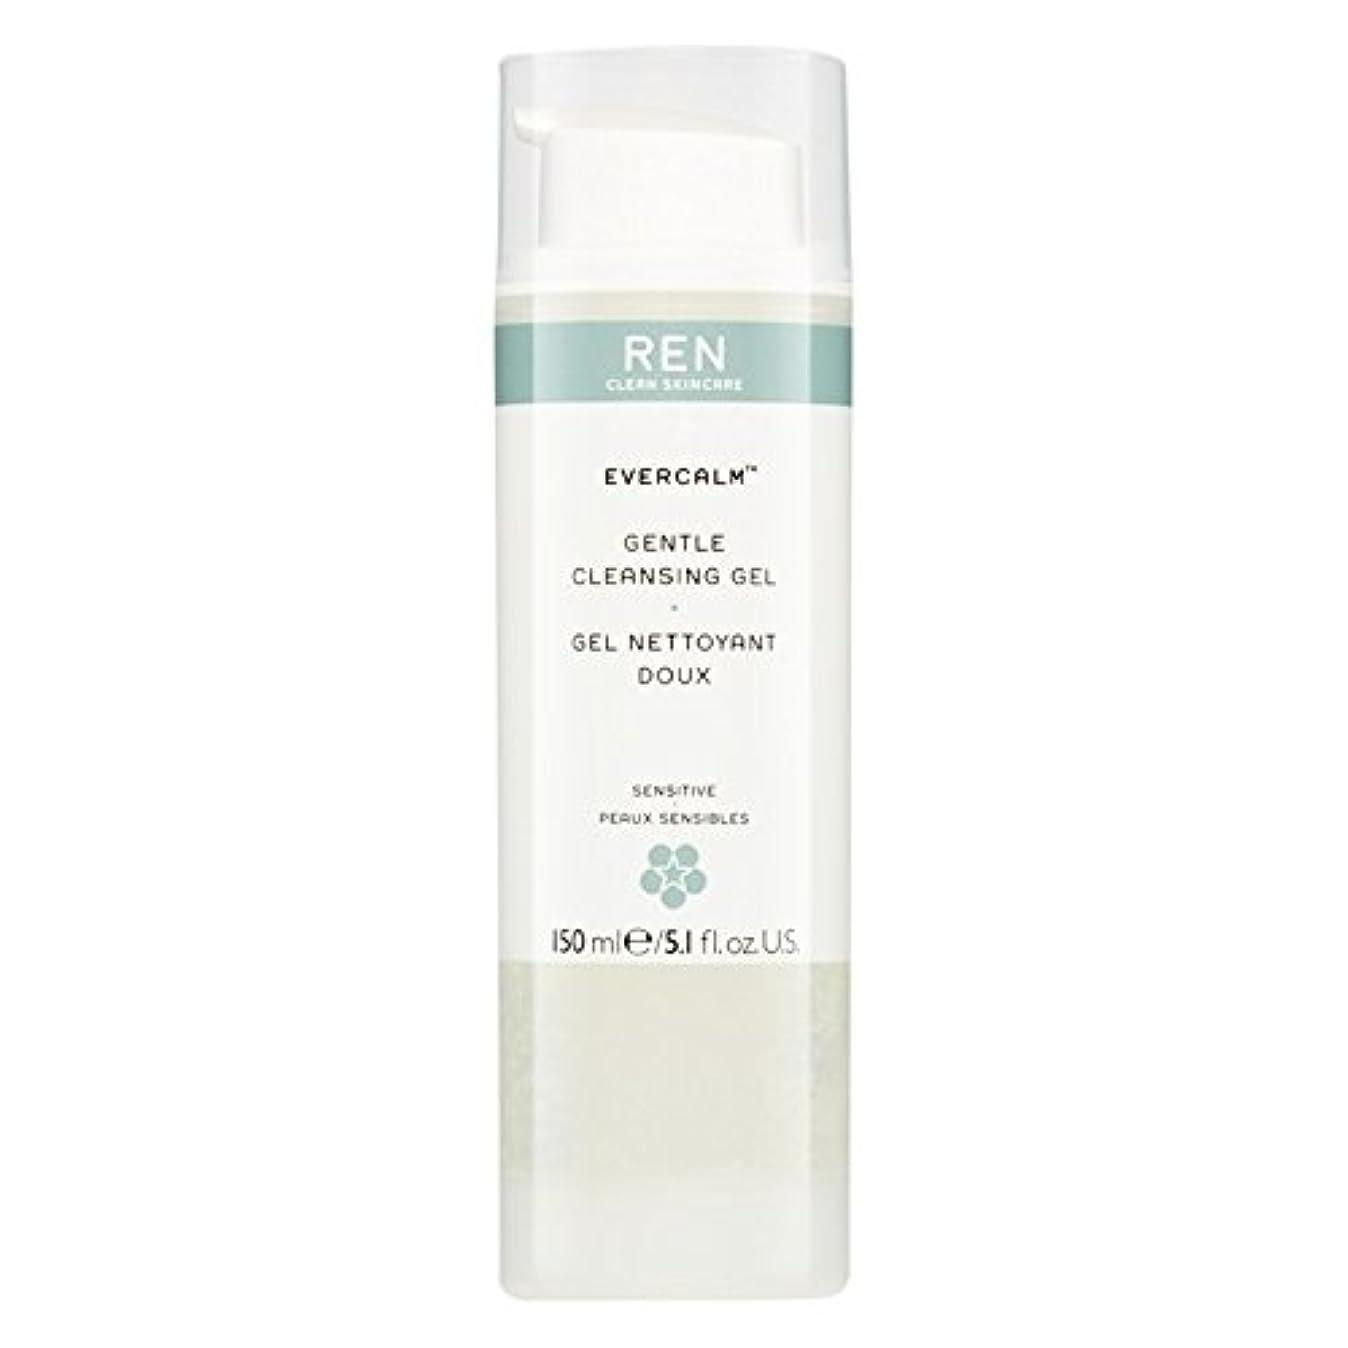 従事する見えない特徴Ren Evercalm優しいクレンジングジェル、150ミリリットル (REN) (x2) - REN Evercalm Gentle Cleansing Gel, 150ml (Pack of 2) [並行輸入品]